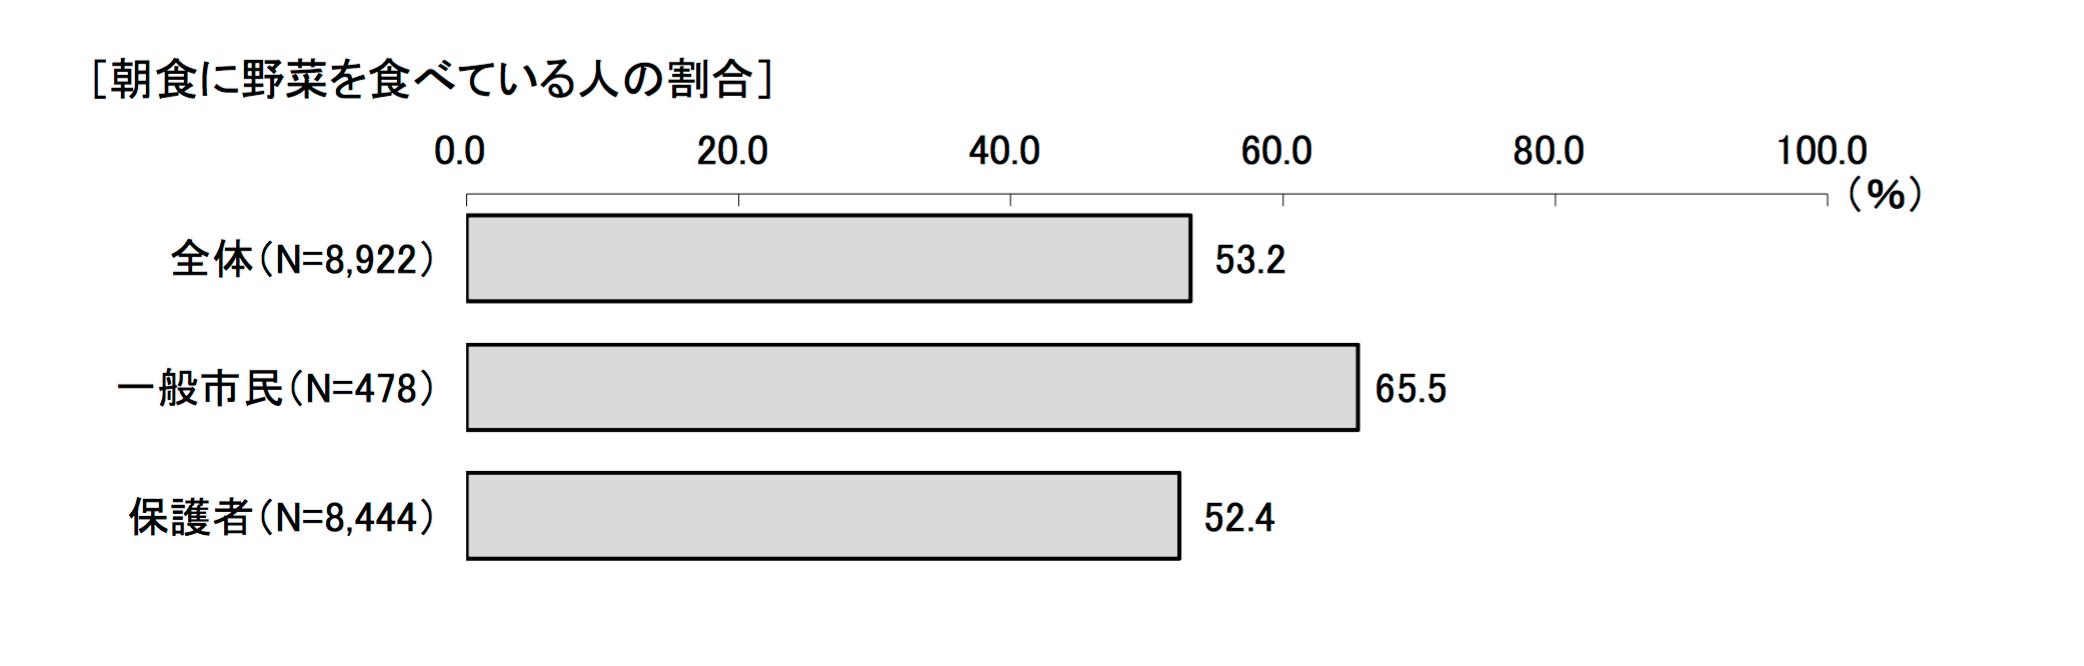 岡崎アンケート2